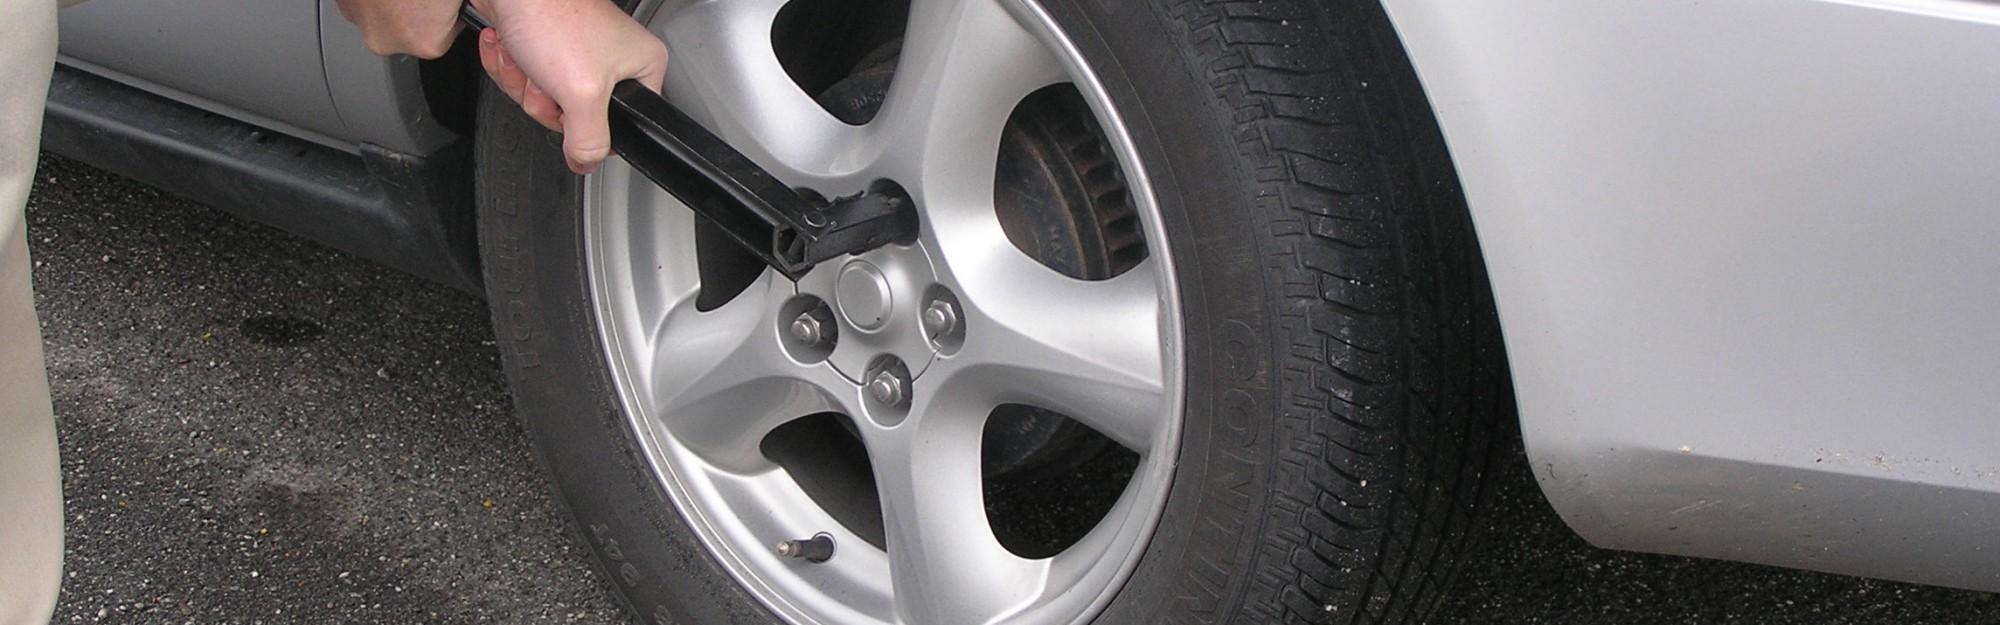 Wie geht ein Reifenwechsel von statten?